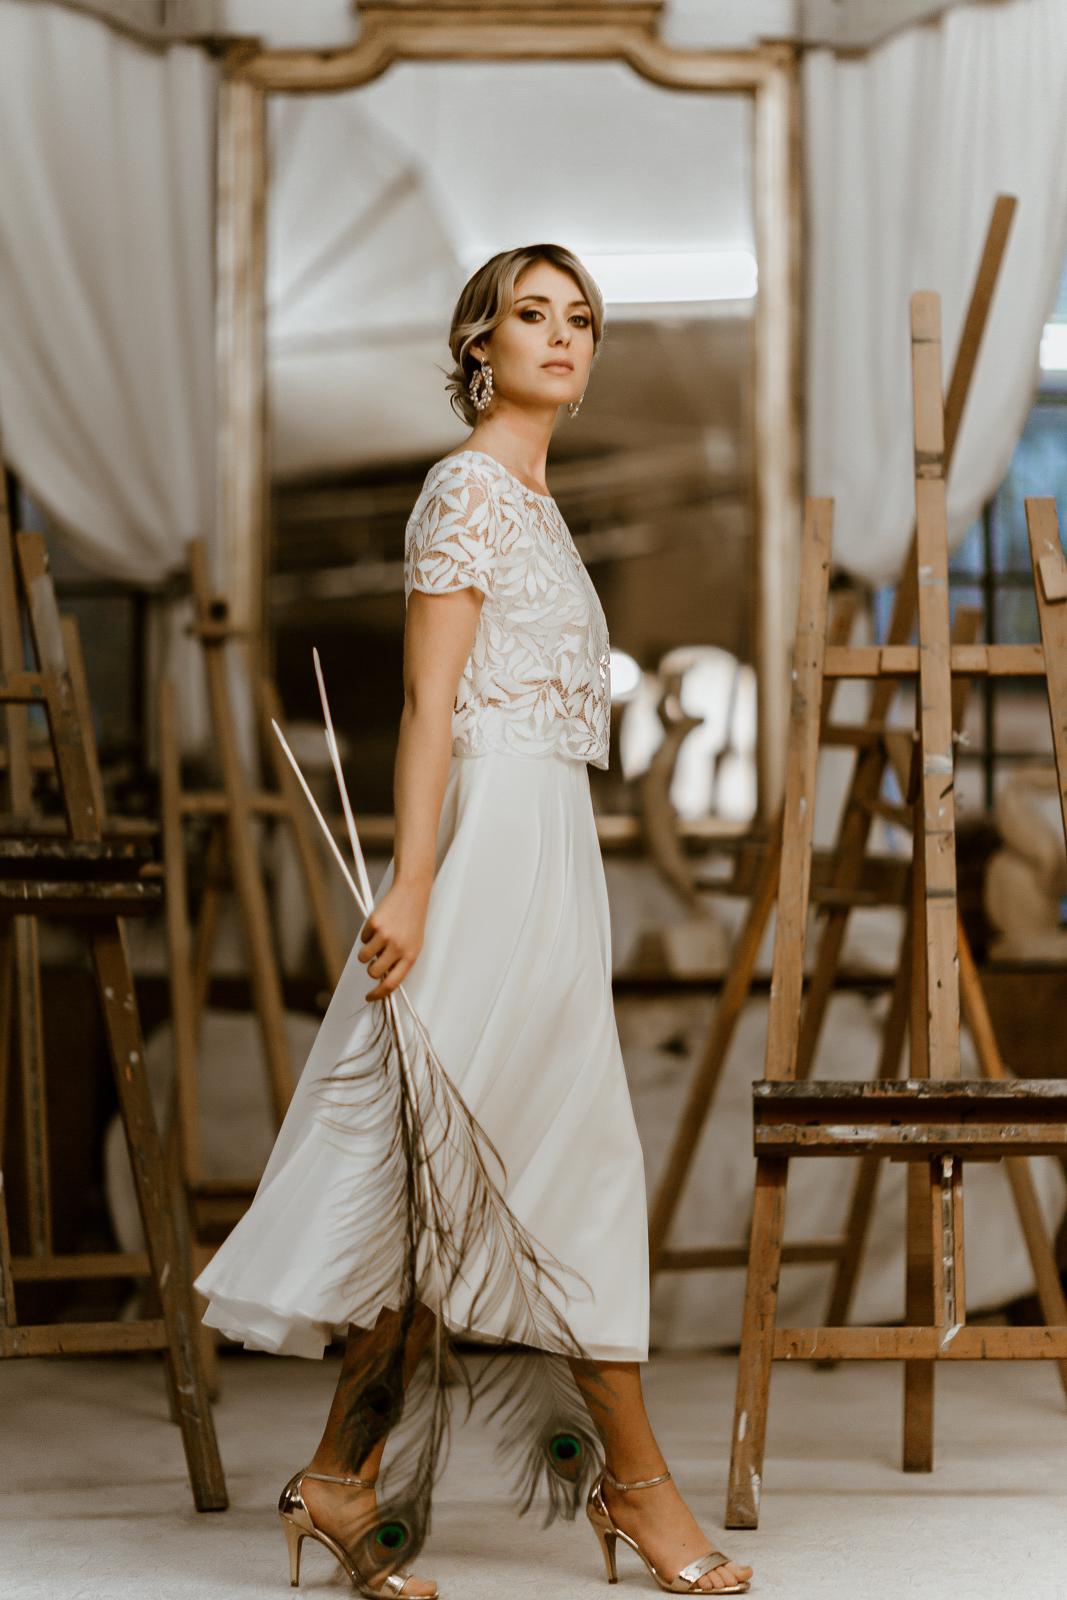 noni Jubiläumskollektion | Zweiteiliges Brautkleid mit Botanik-Top und wadenlangem Chiffonrock, Seitenansicht (Foto: Le Hai Linh)